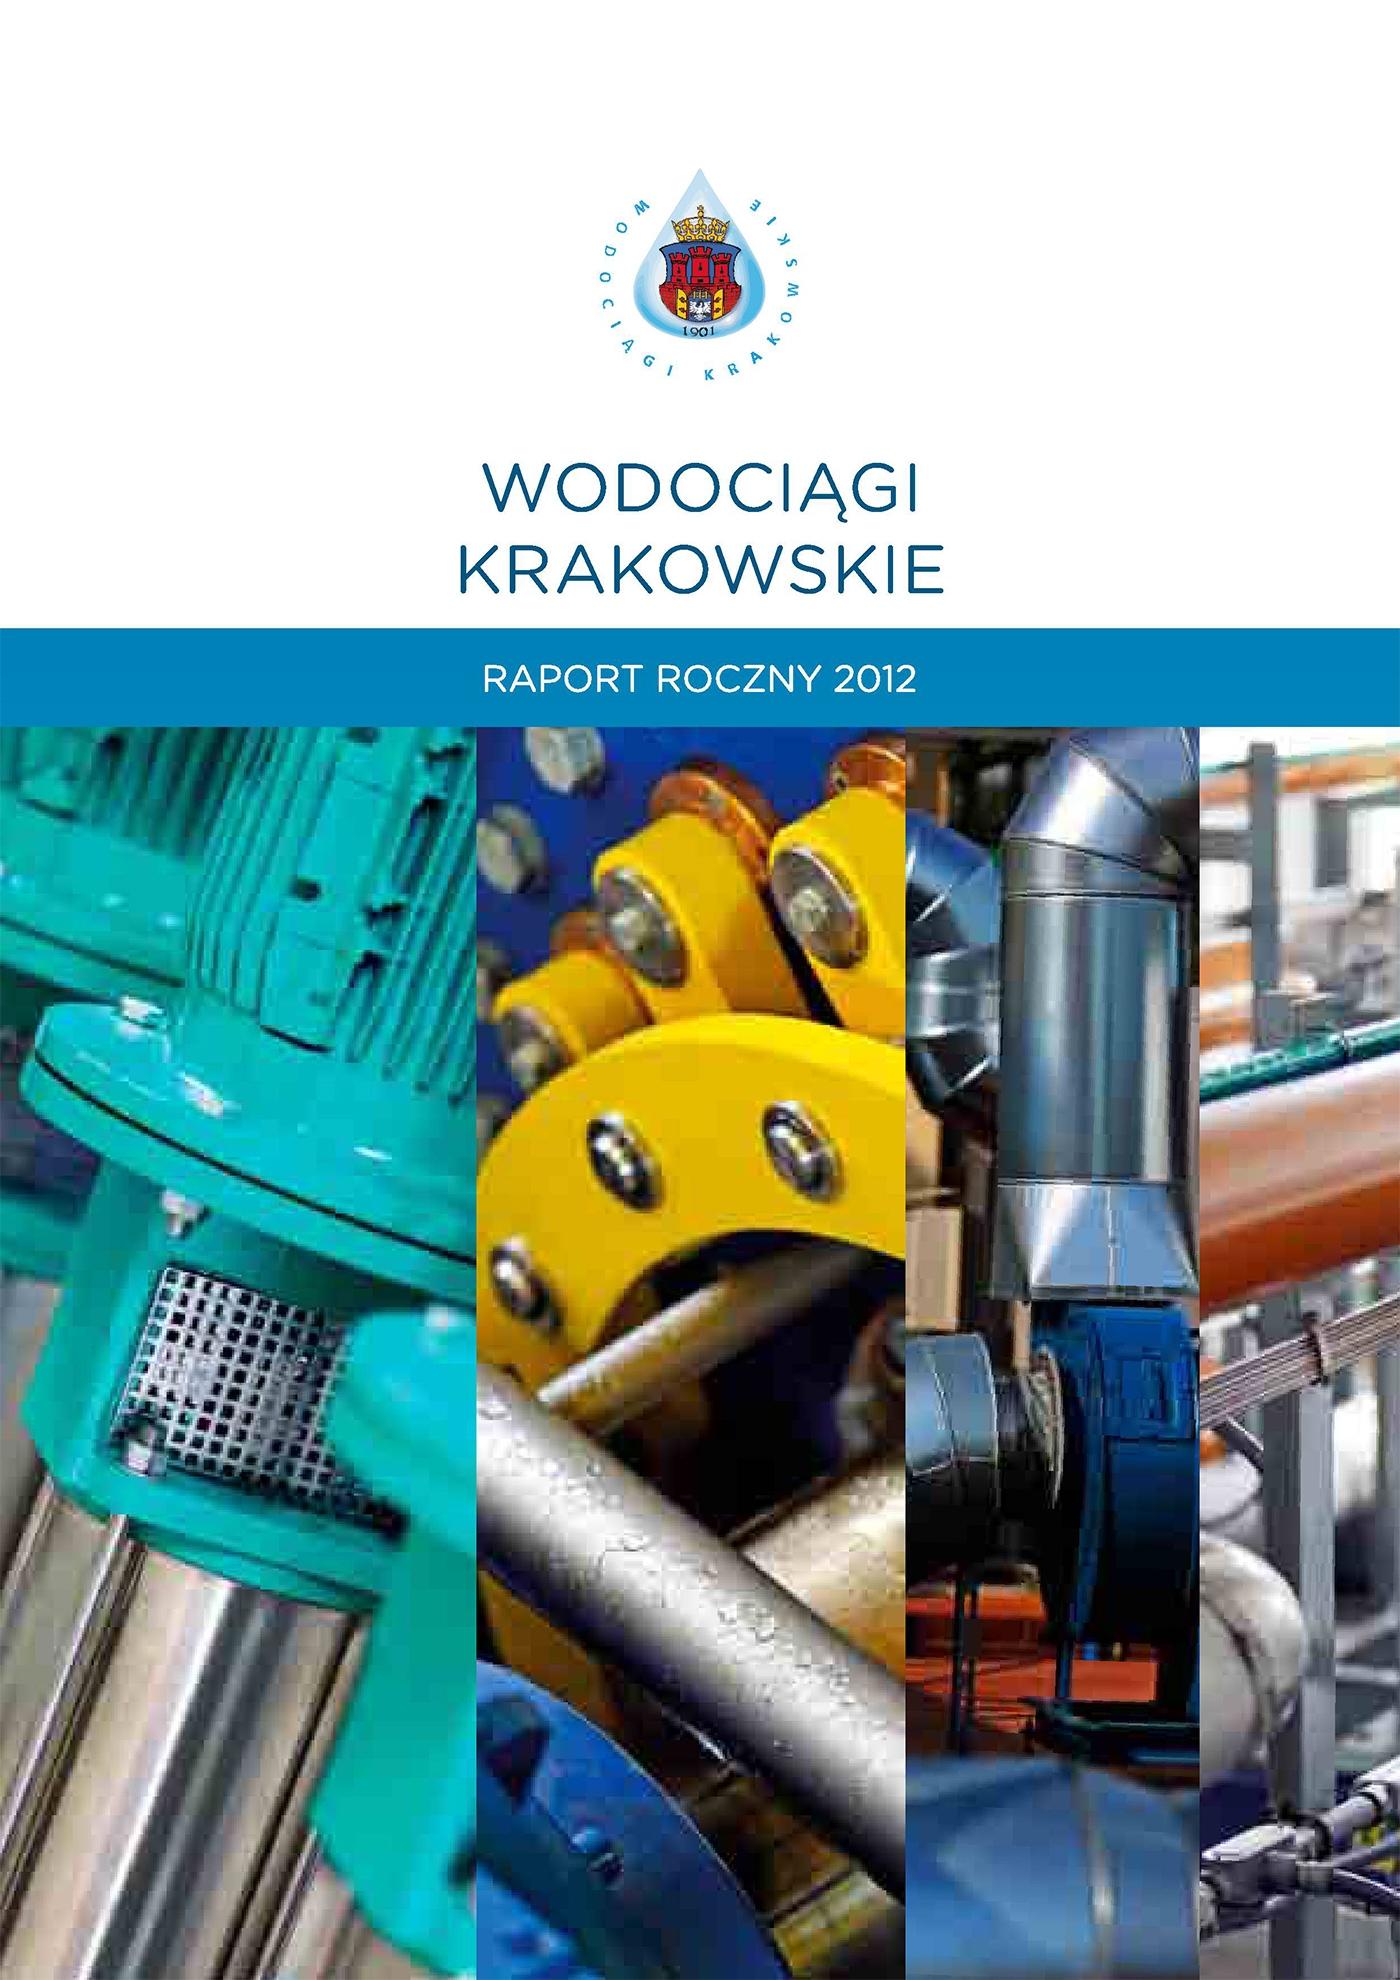 Tytuł: Zobacz raport - 2012 - poszczególne strony dostępne tylko po kliknieciu na link